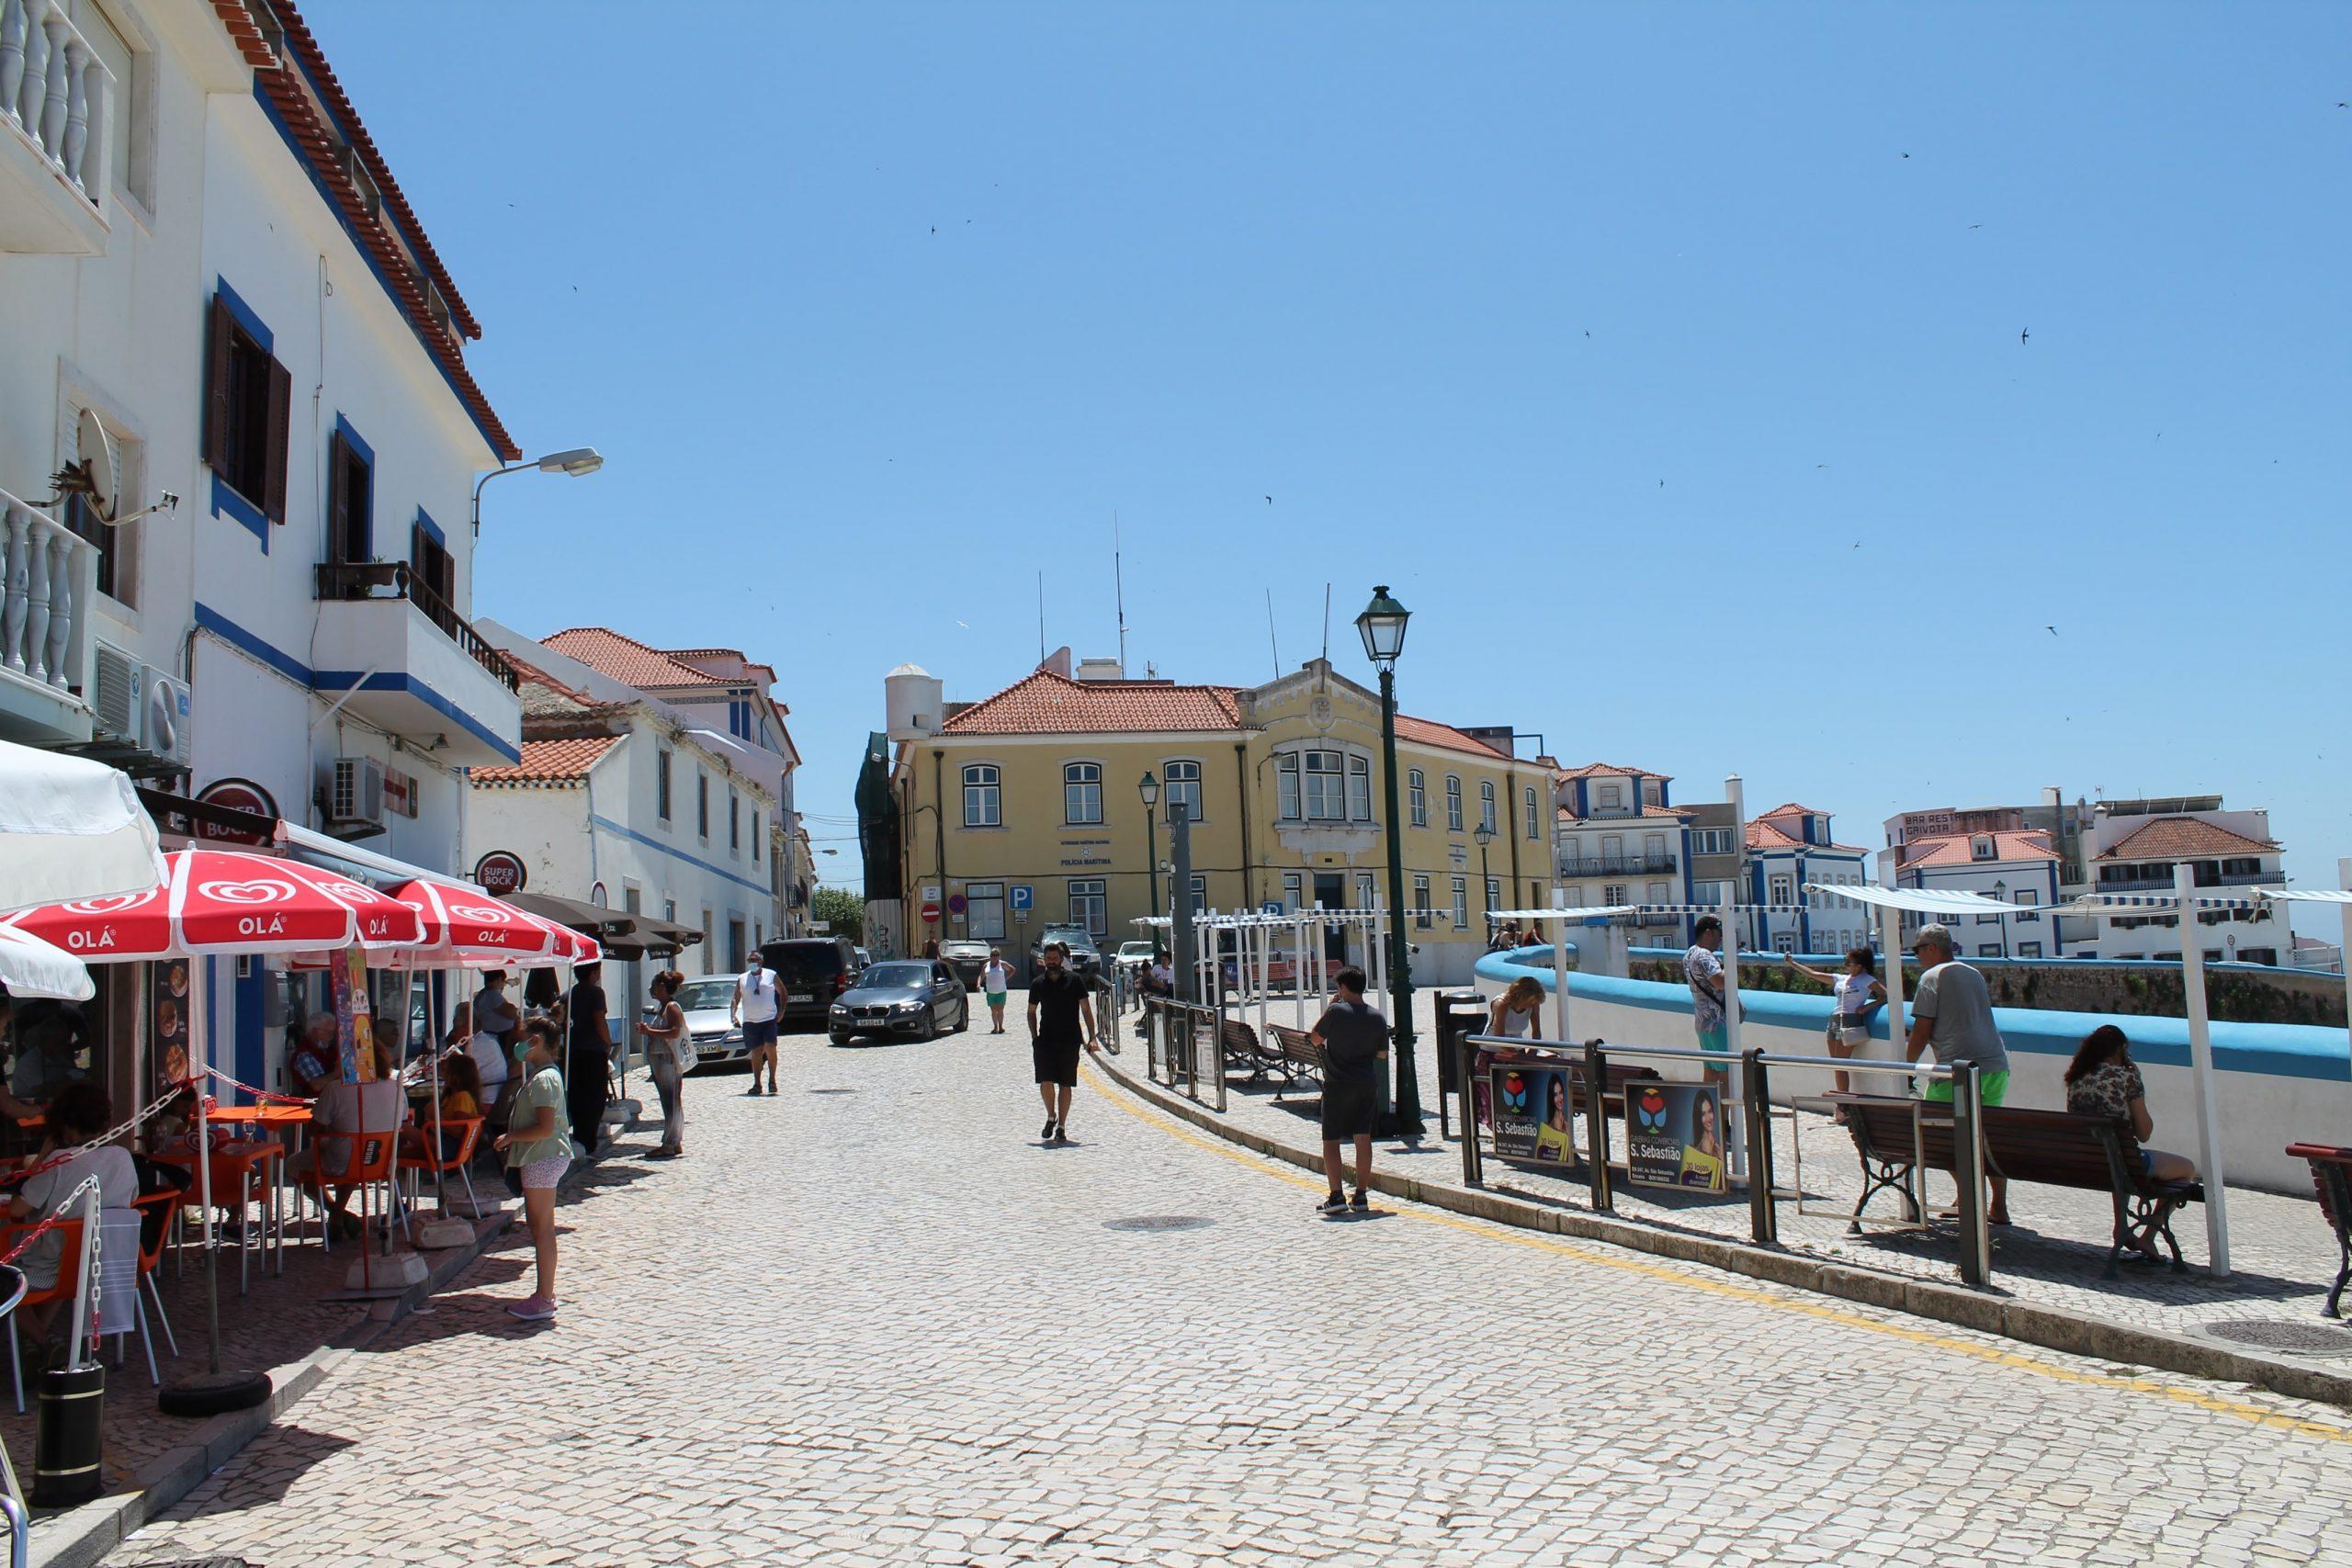 Restaurante Joy - Largo das Ribas Ericeira